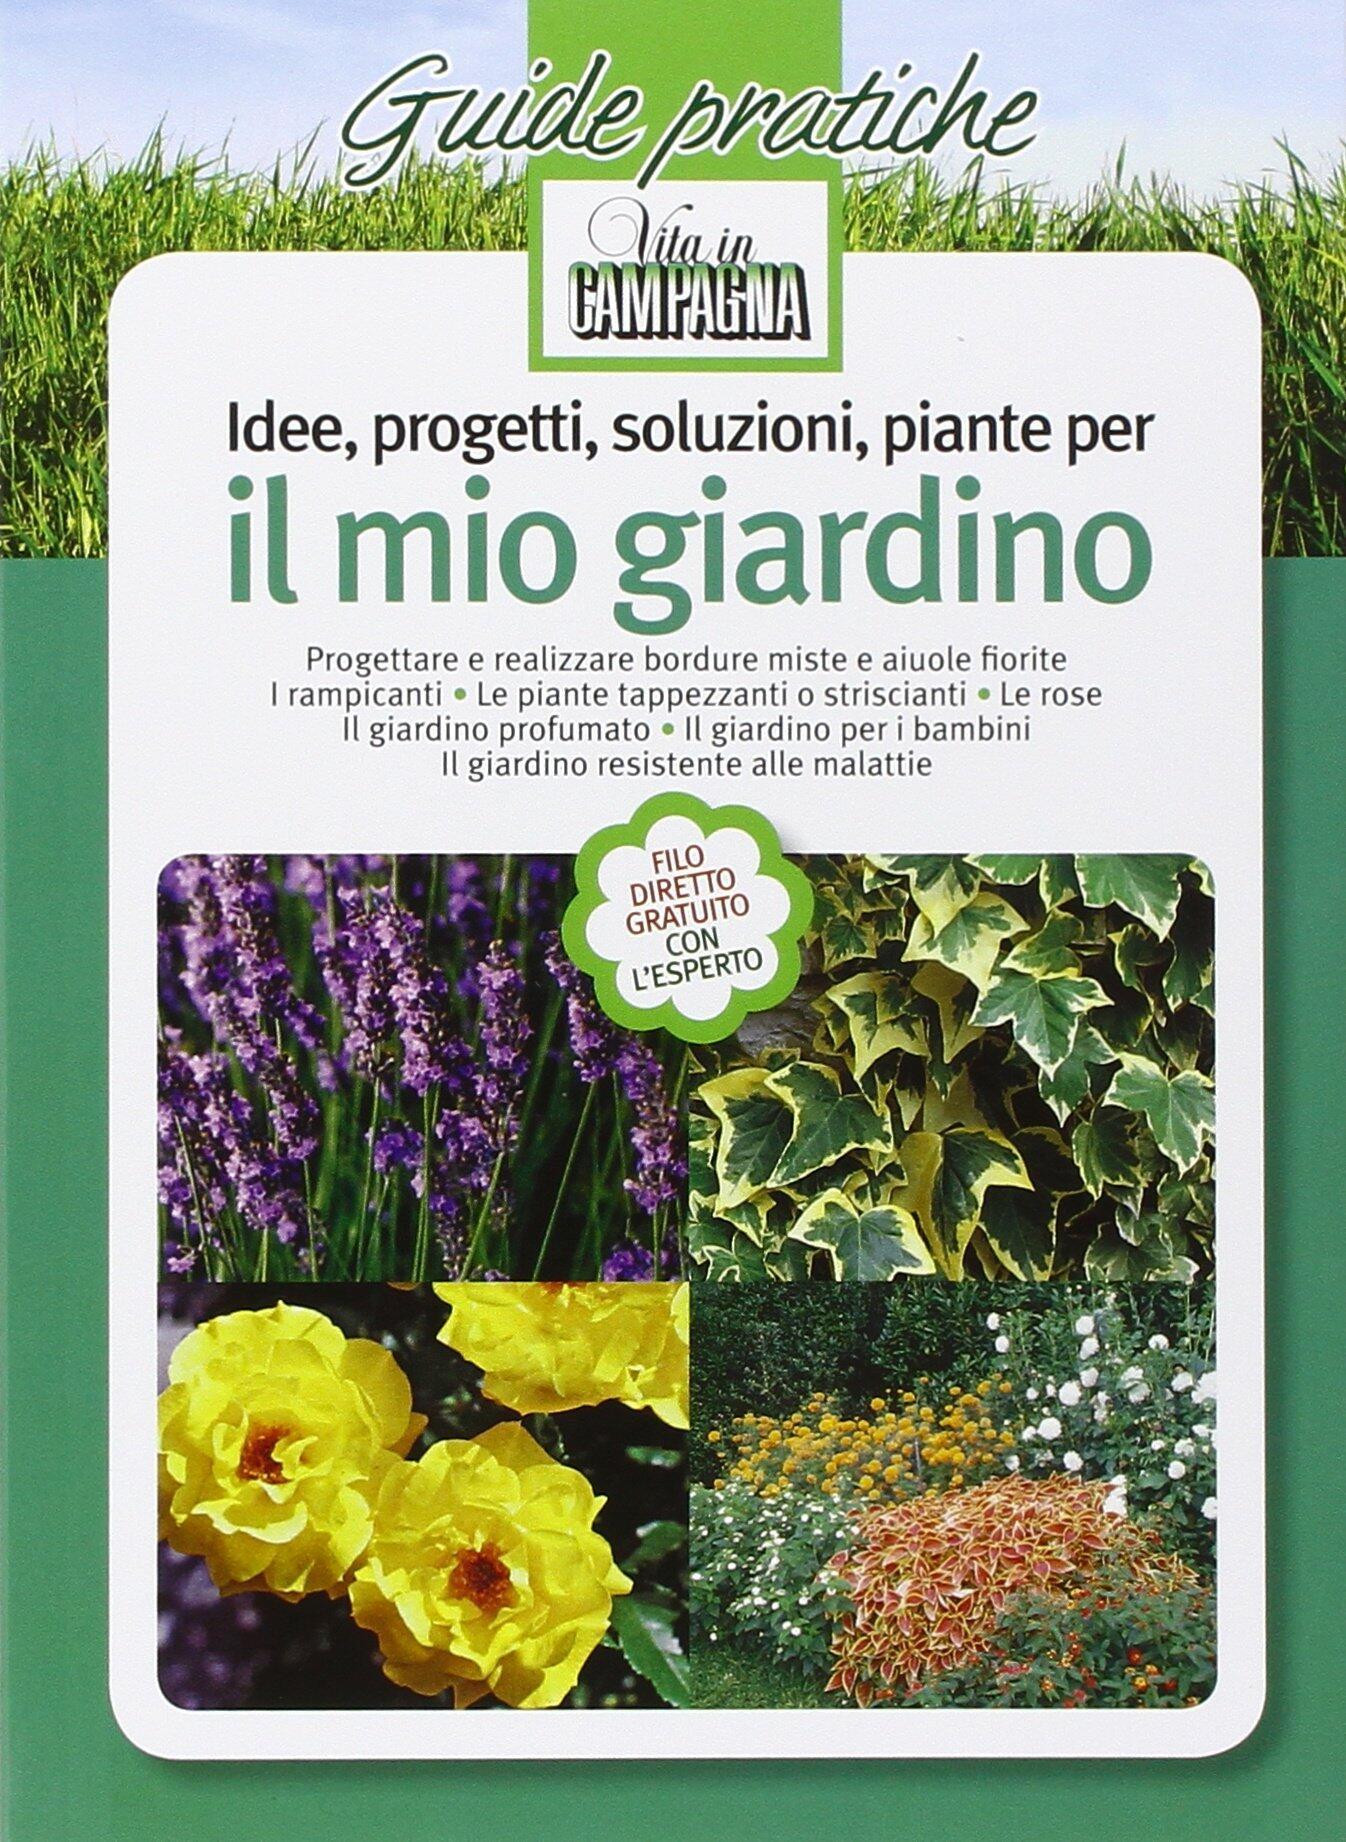 Idee progetti soluzioni piante per il mio giardino - Piante per il giardino ...